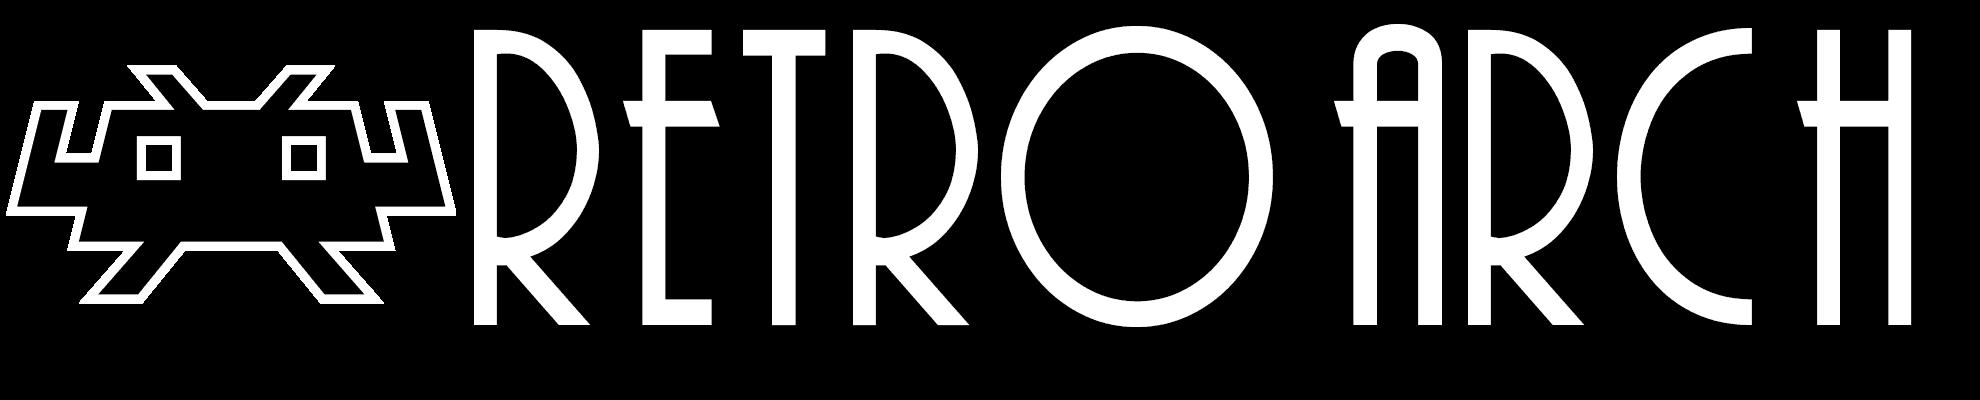 Retroarch N64 Emulator